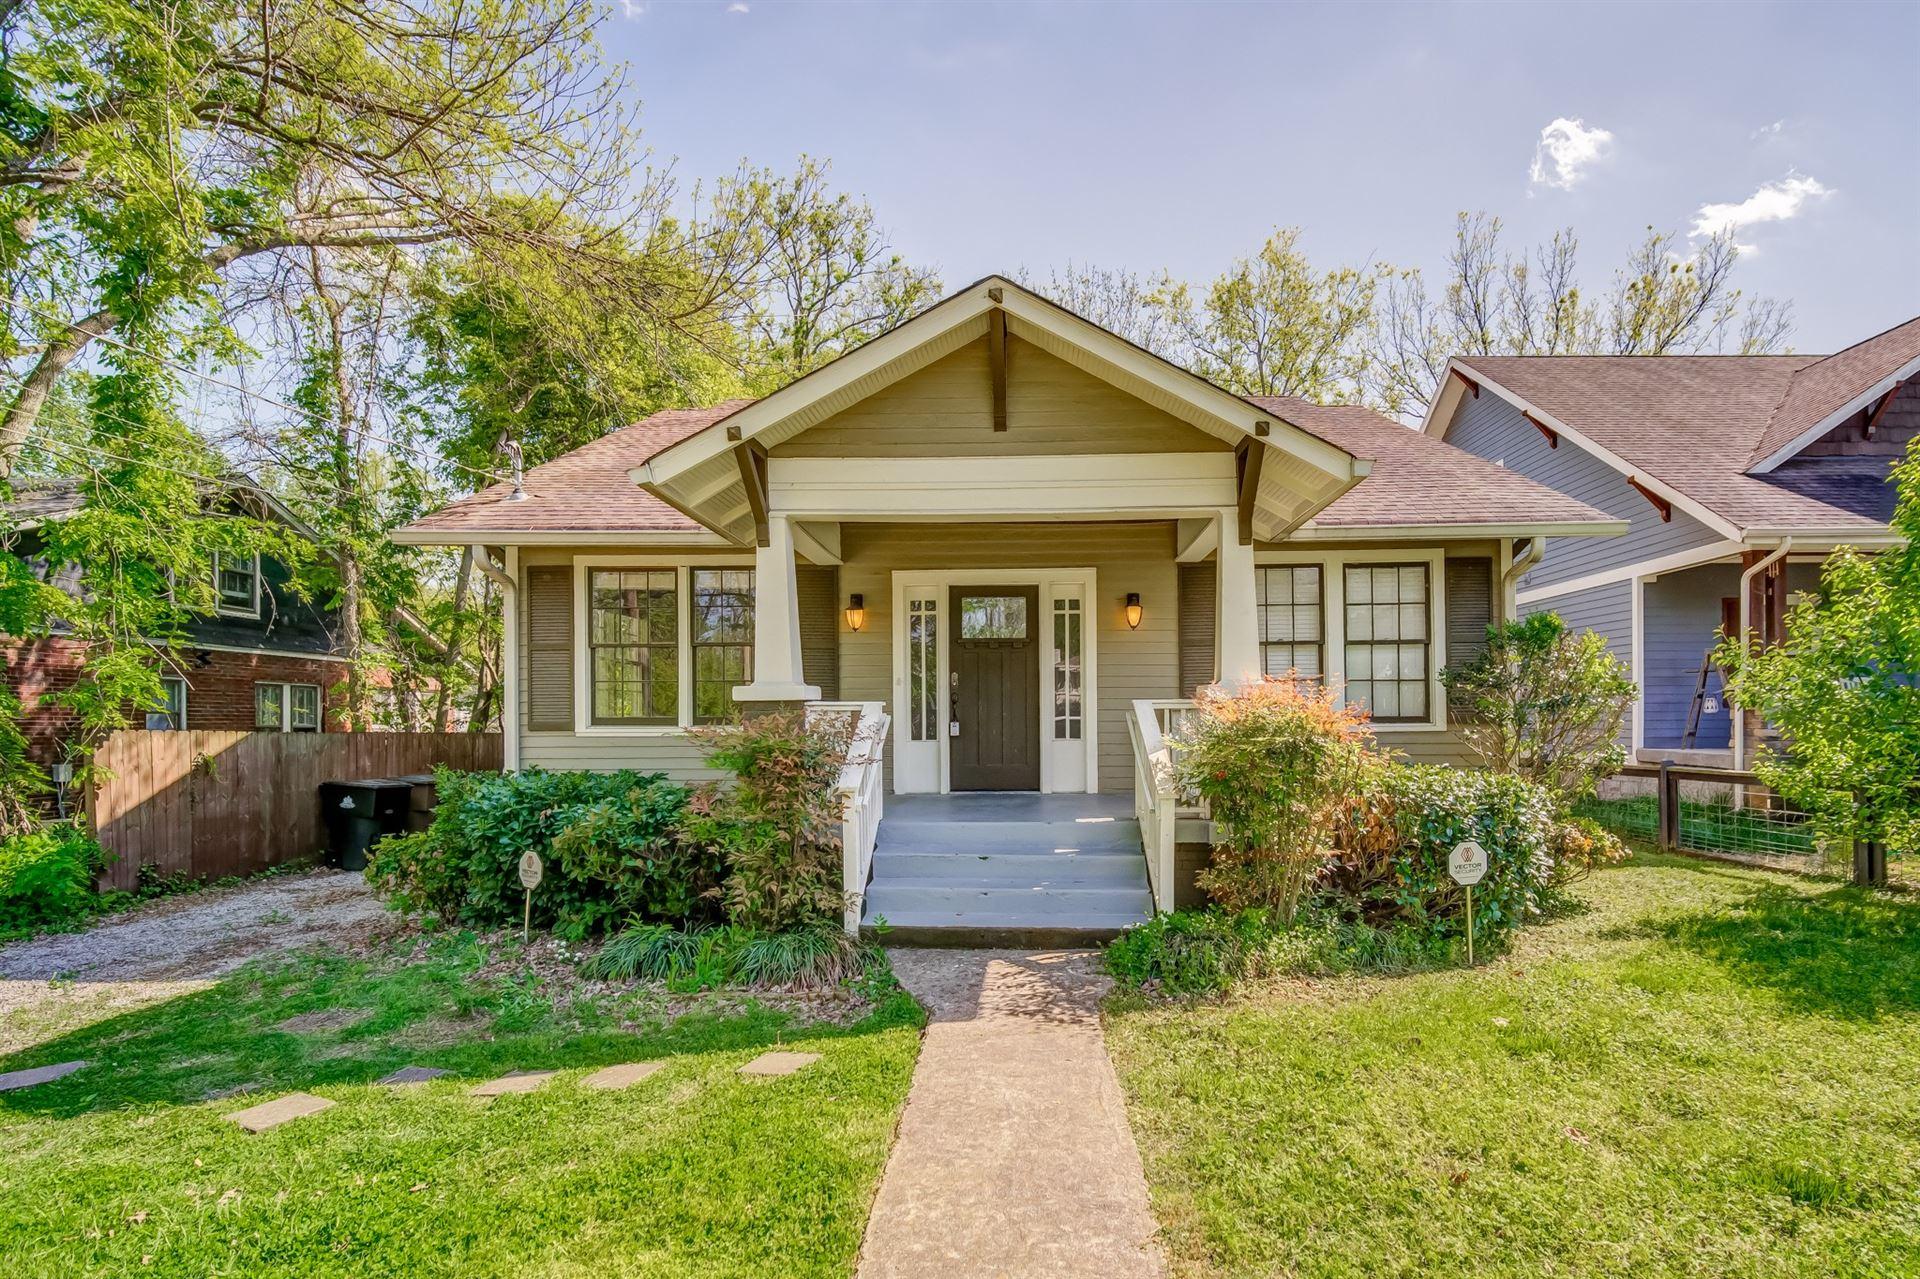 1114 Stratford Ave, Nashville, TN 37216 - MLS#: 2247381